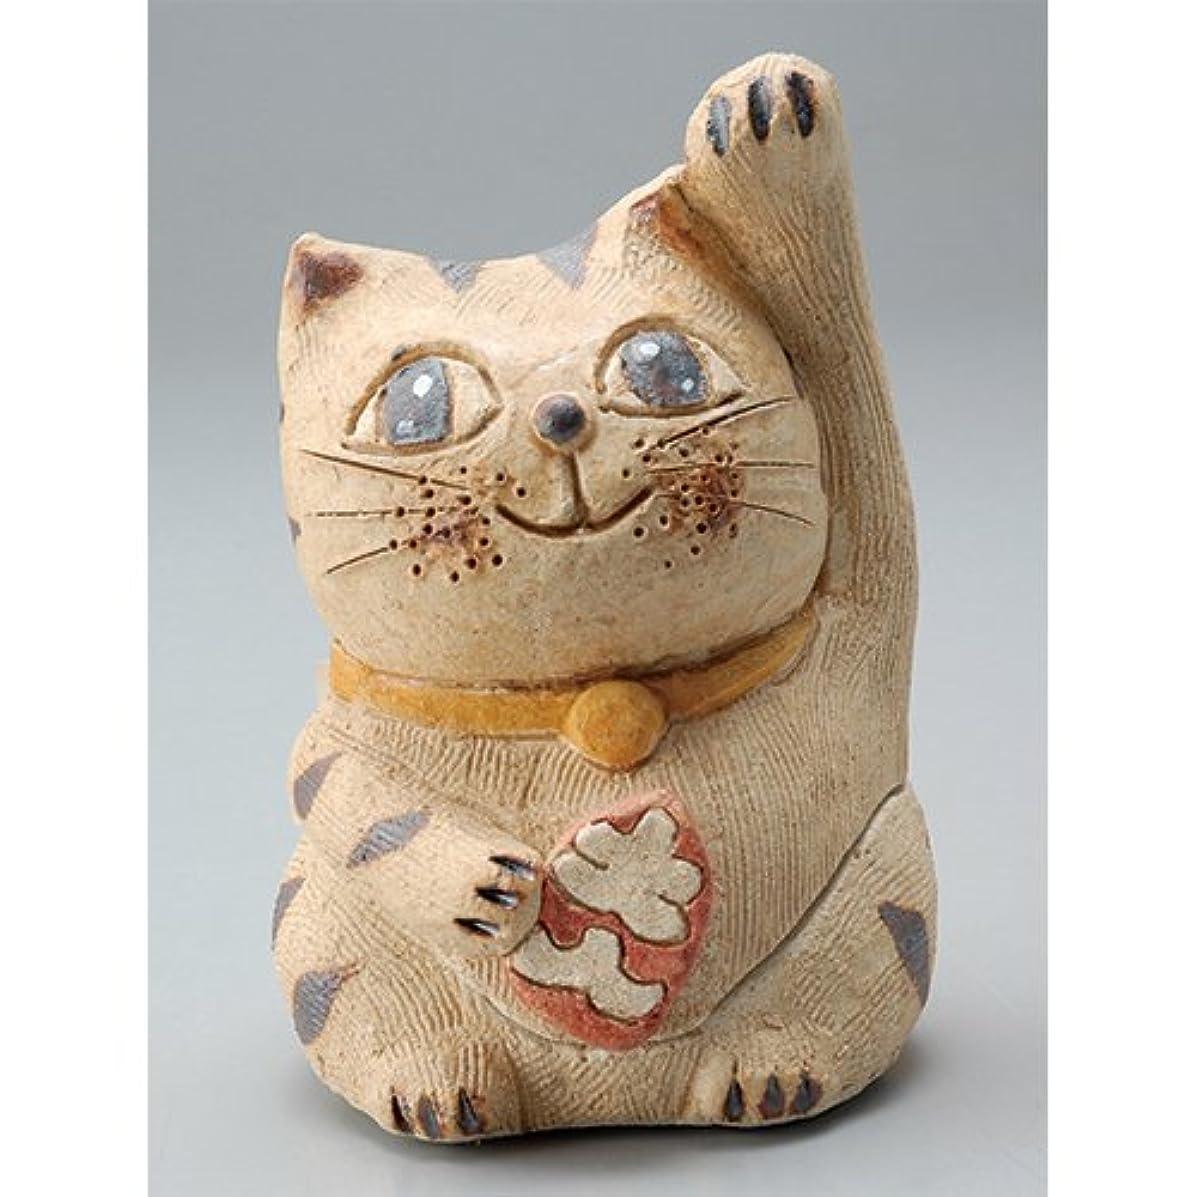 荒れ地つかの間増幅香炉 円な瞳招き猫(人招き)香炉(小) [H8.5cm] HANDMADE プレゼント ギフト 和食器 かわいい インテリア